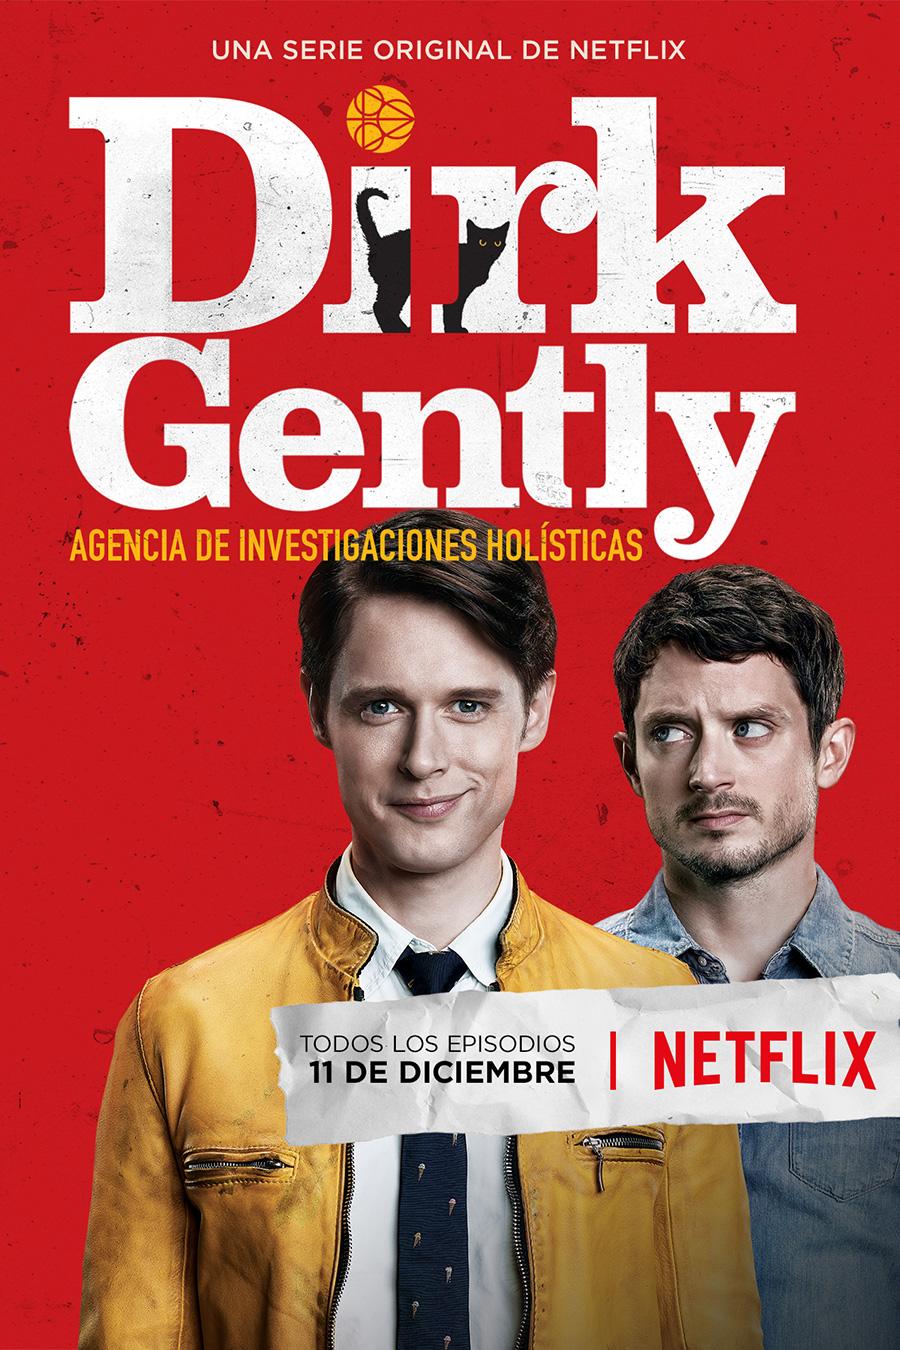 Fecha de estreno y póster de 'Dirk Gently Agencia de Investigaciones Holísticas'